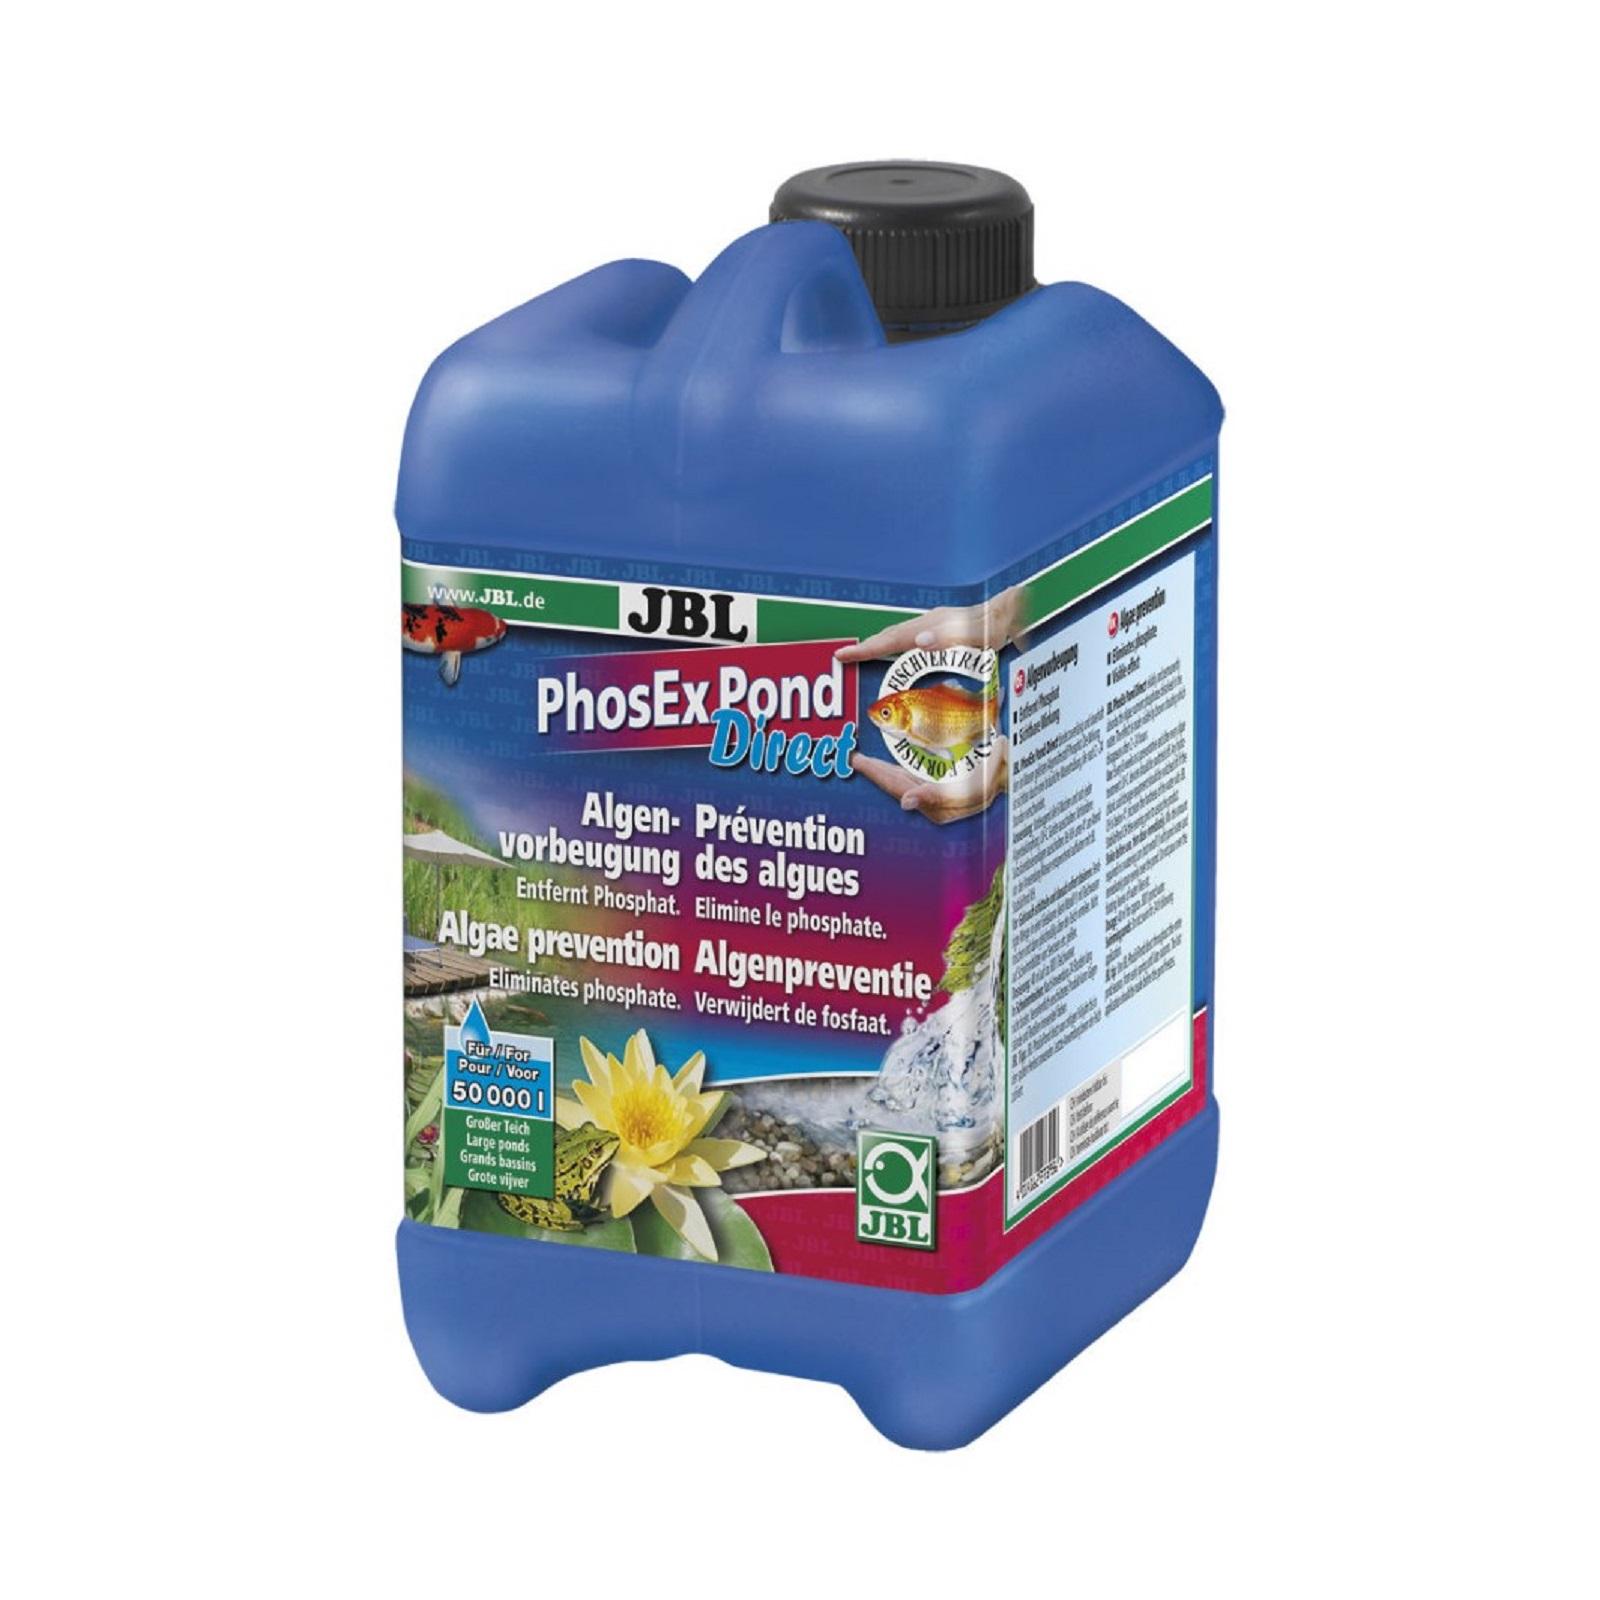 JBL PhosEX Pond Direct 2,5 Liter Phosphatentferner Teich Algenvorbeugung